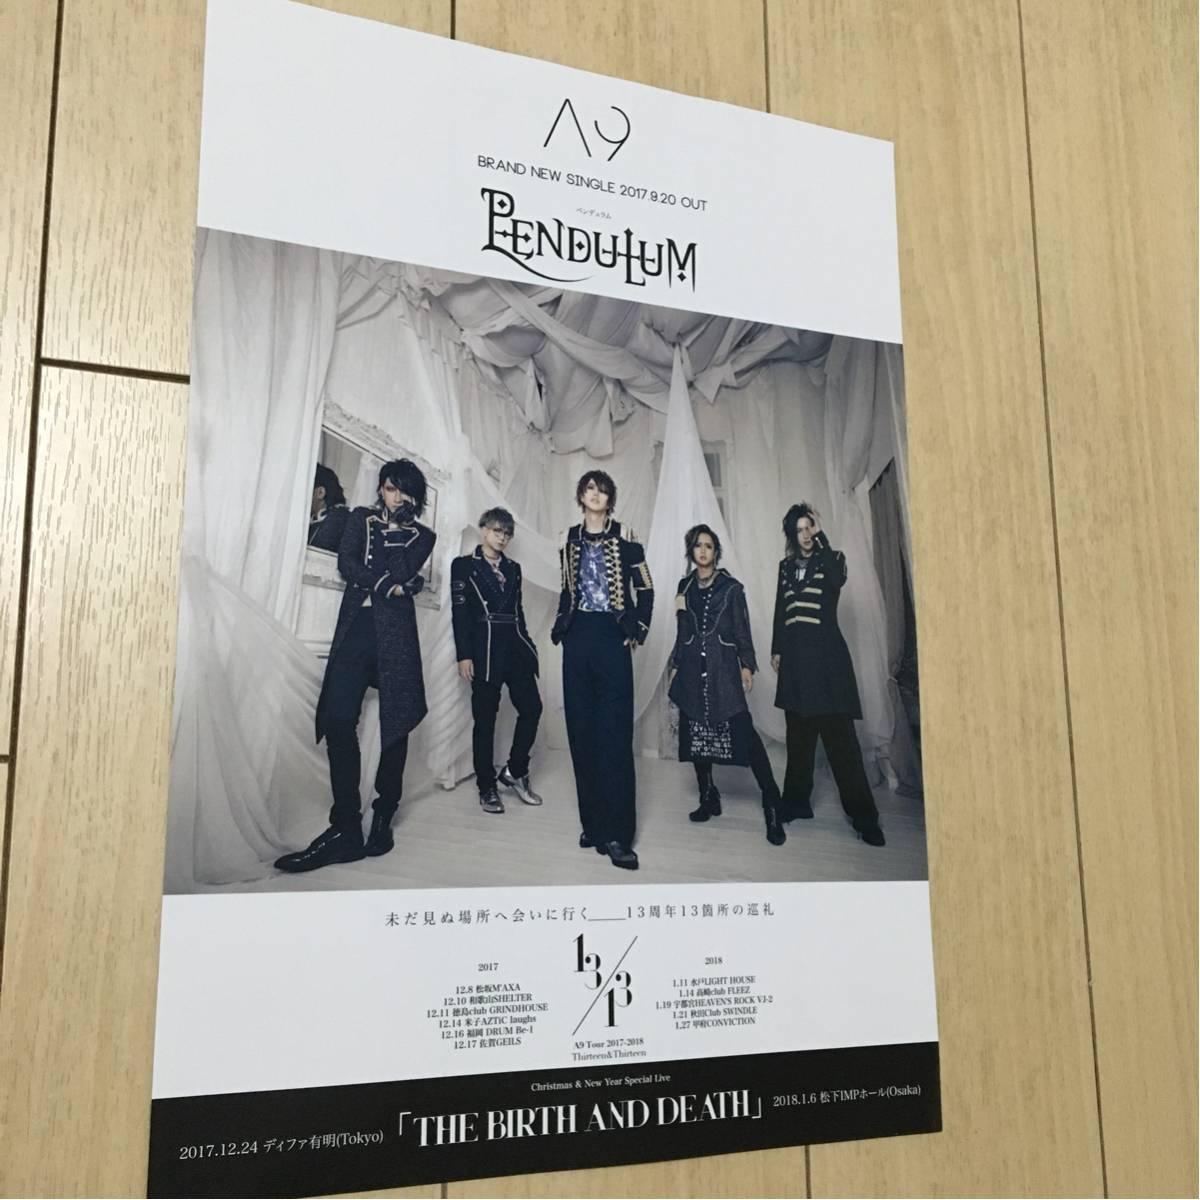 アリス ナイン alice nine a9 シングル cd 発売 告知 チラシ pendulum 2017 ツアー tour ライブ